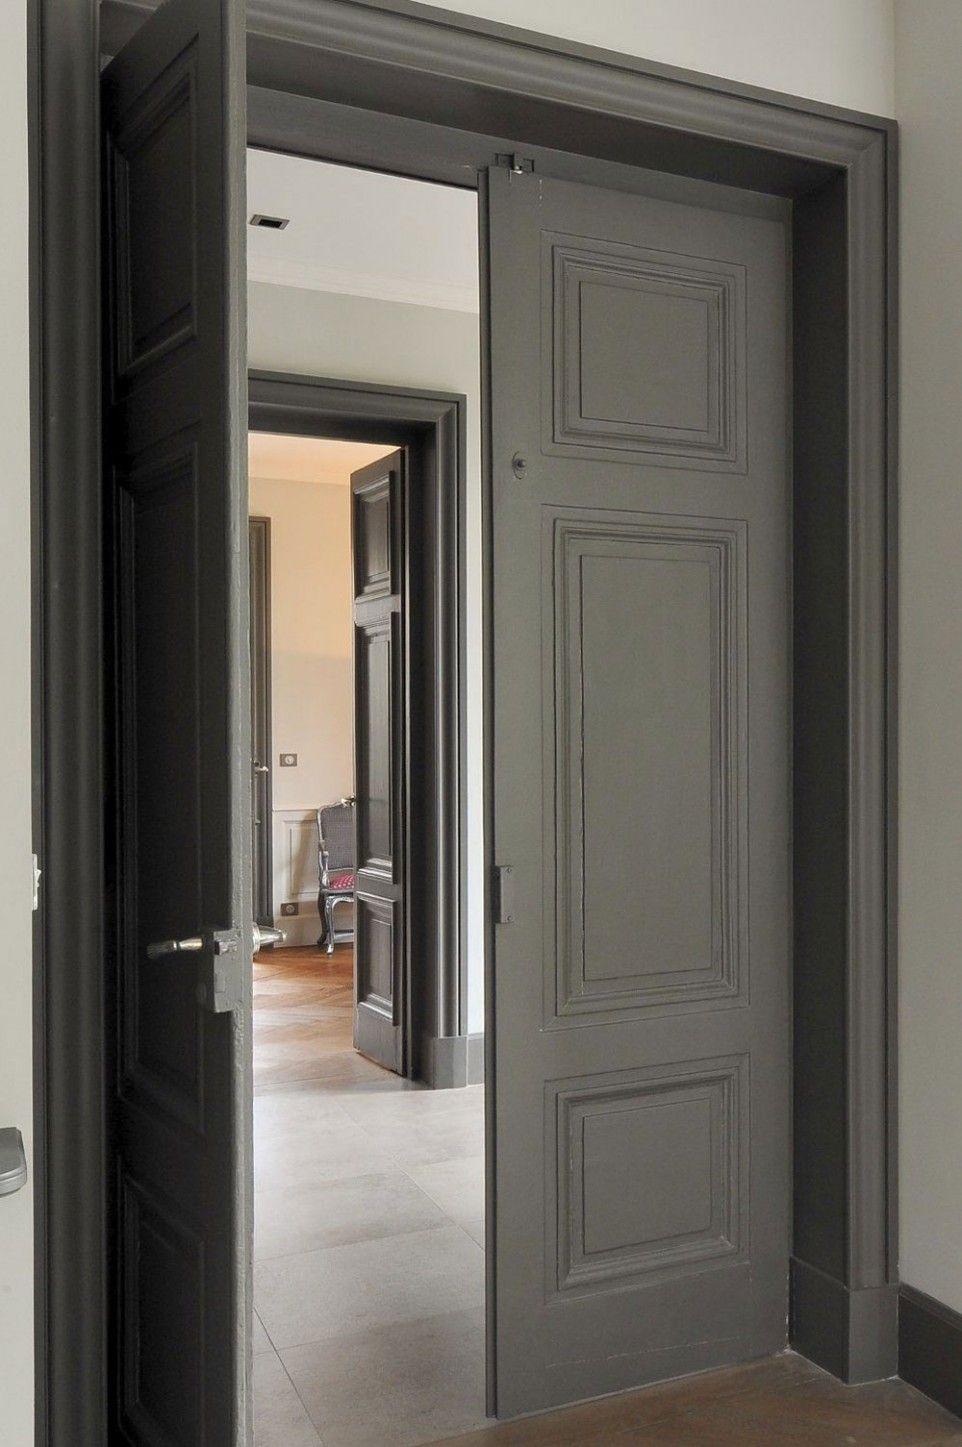 Home Improvement, Double Interior Doors: Double Benefits, Double Beauty:  Greenish Dark Grey